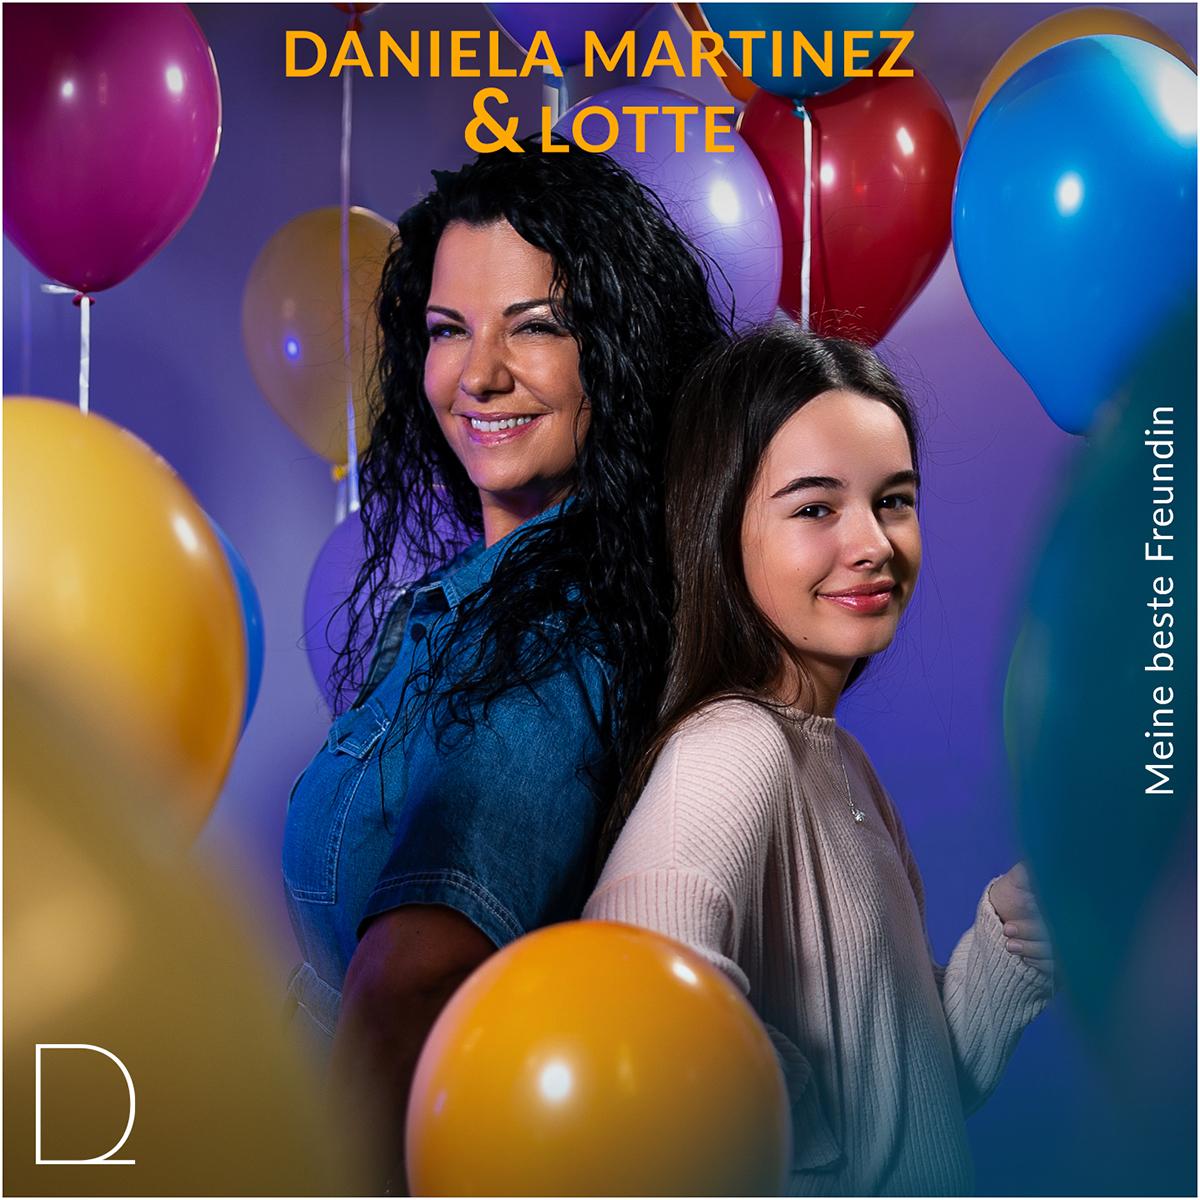 Daniela Martinez & Lotte - Meine beste Freundin (2021)